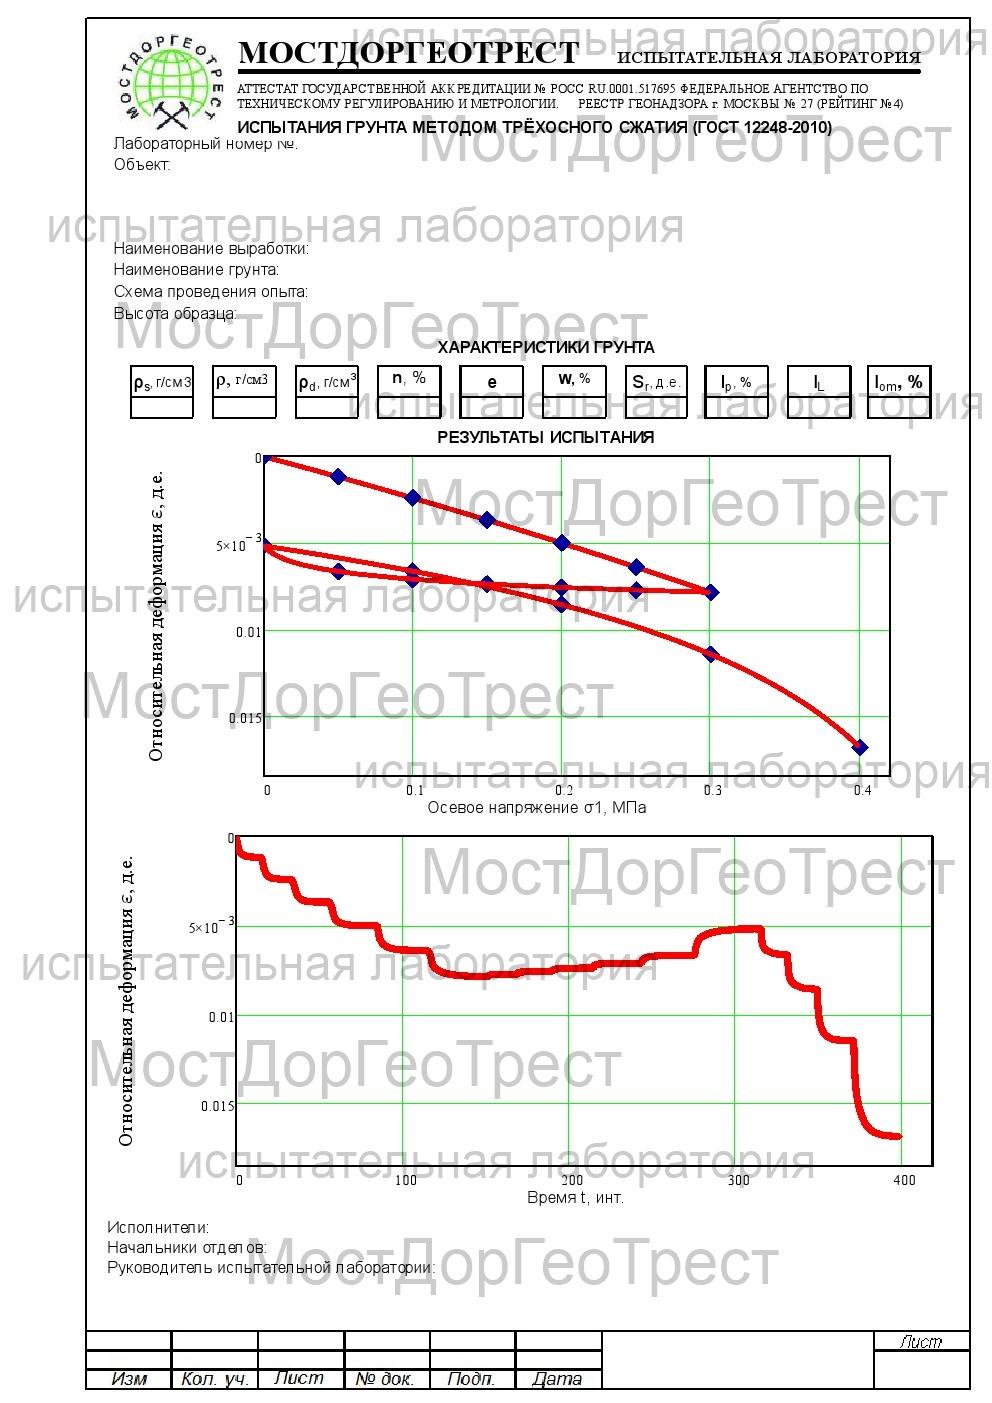 Протокол испытания грунтов методом трёхосного сжатия с последующей разгрузкой (ГОСТ12248-2010)